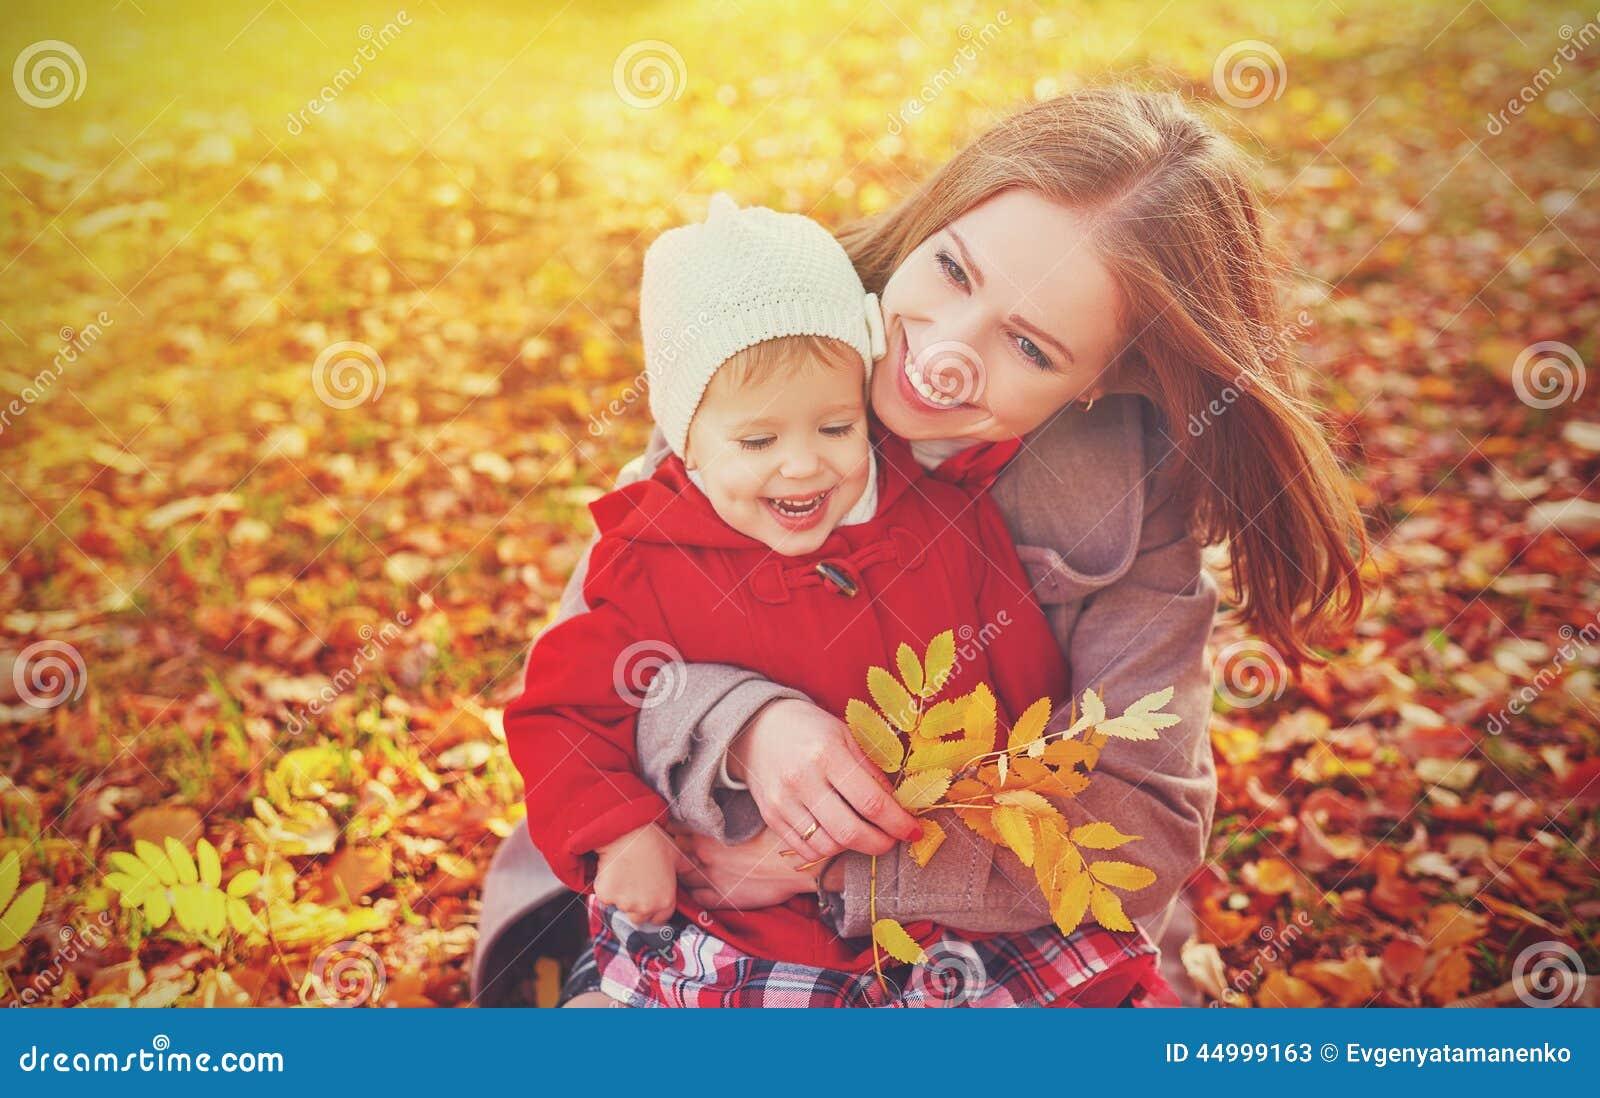 Glückliche Familie: kleine Tochter der Mutter und des Kindes spielen die Umarmung auf Herbst